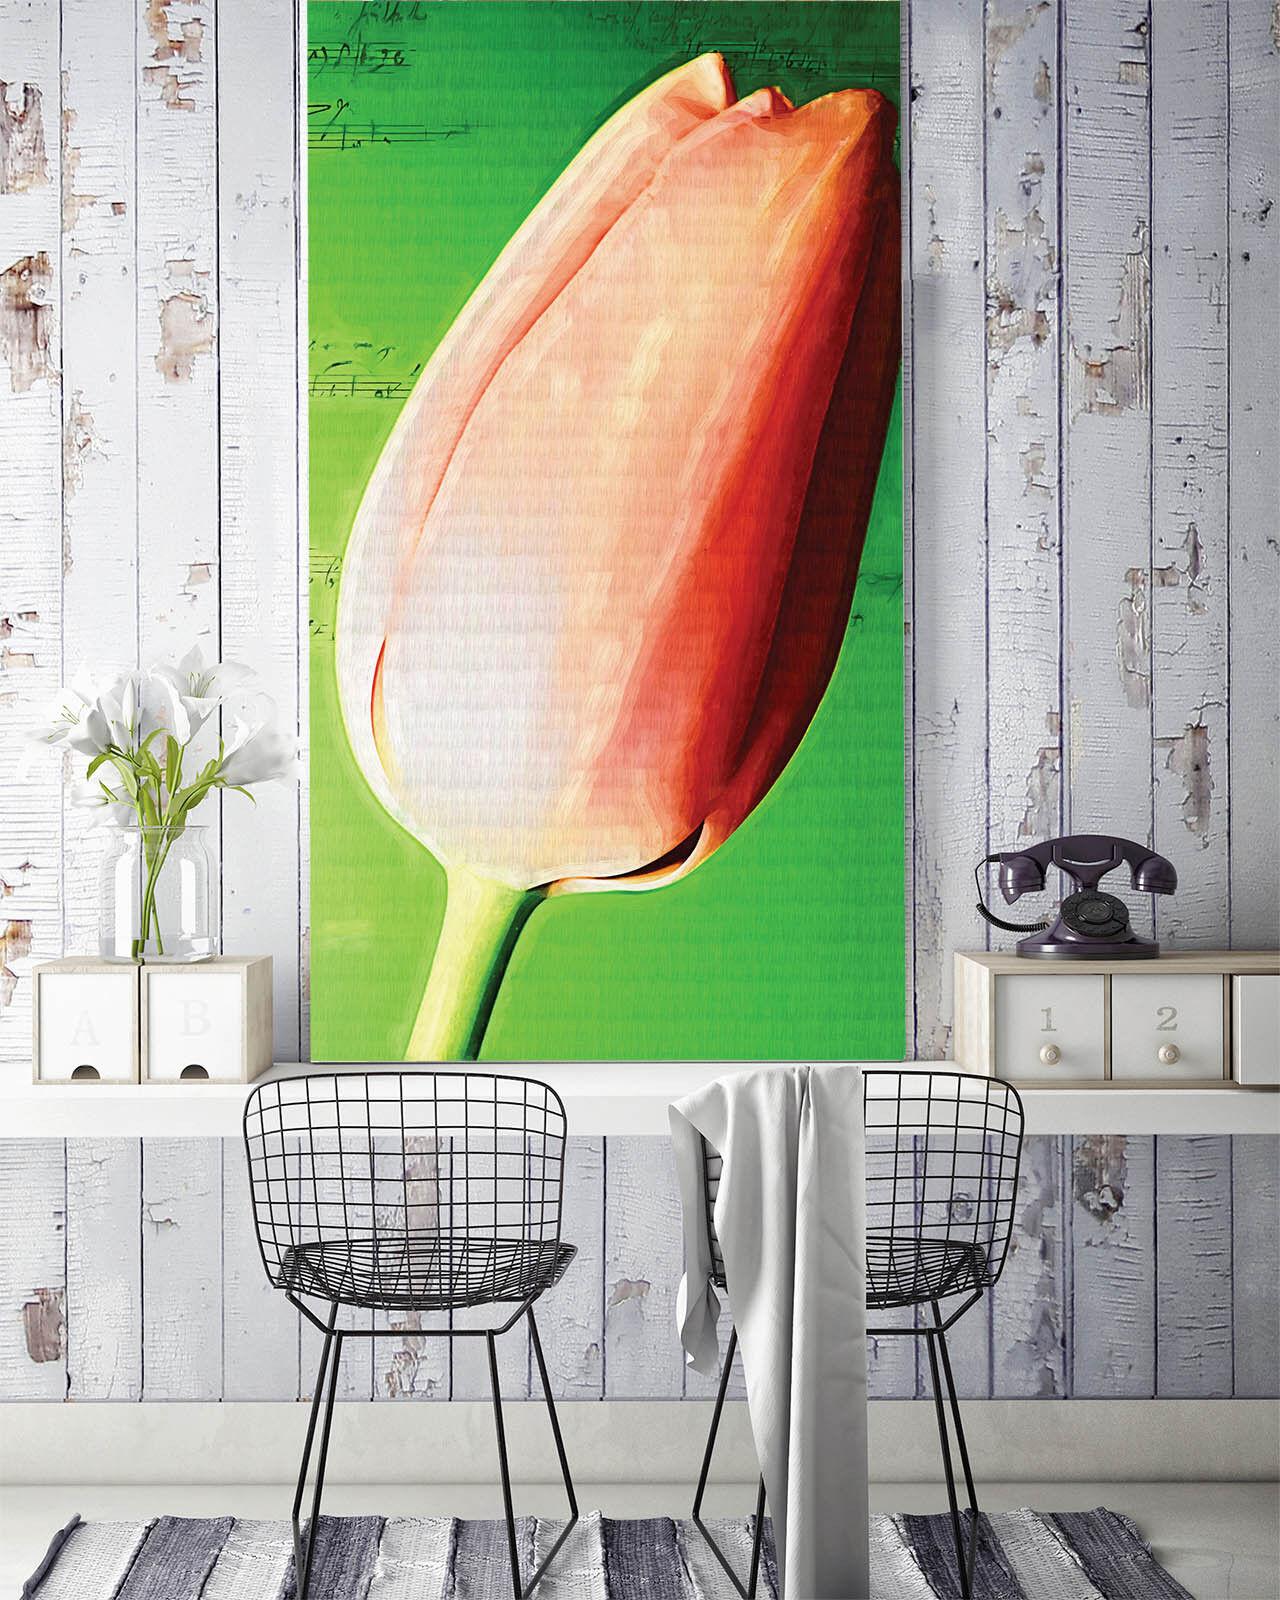 3D Tulip bud 139339 Fototapeten Wandbild Fototapete BildTapete Familie DE